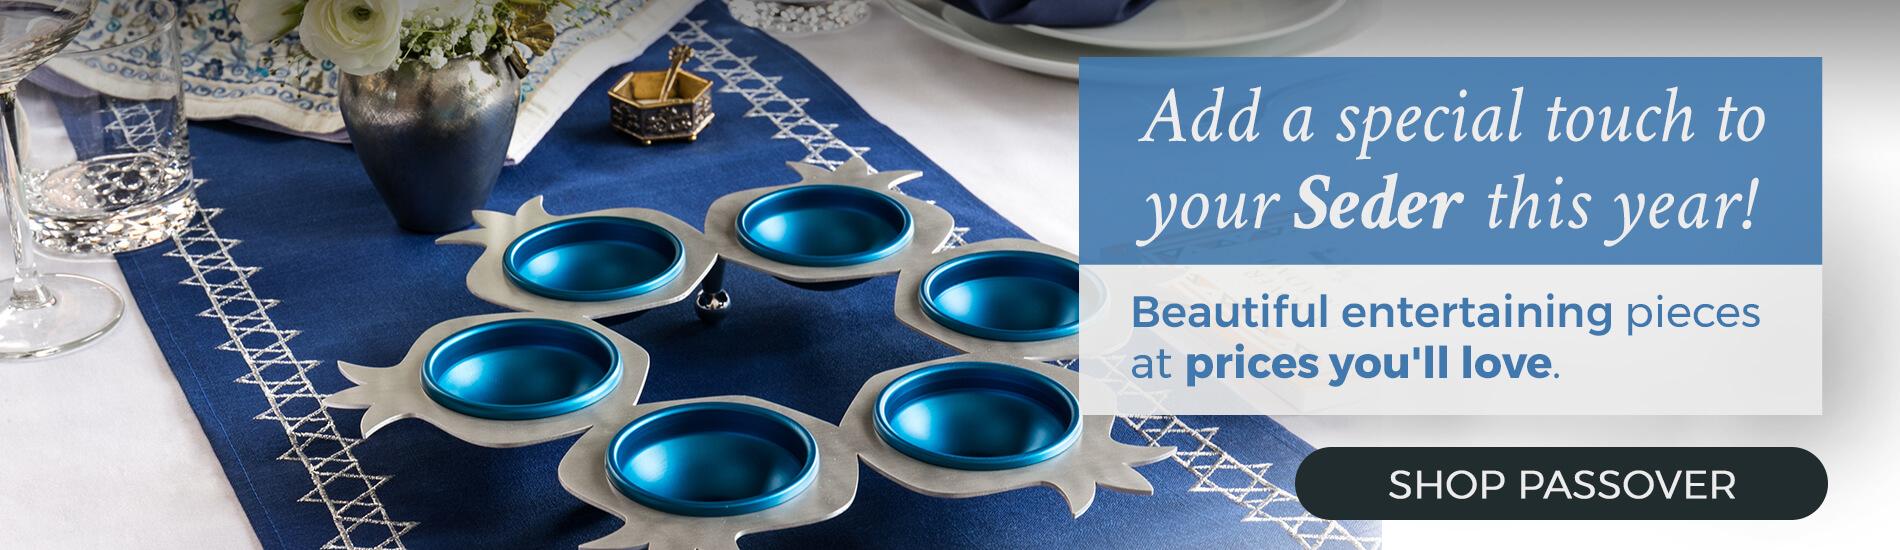 Shop Your Passover Seder Needs Judaica.com!